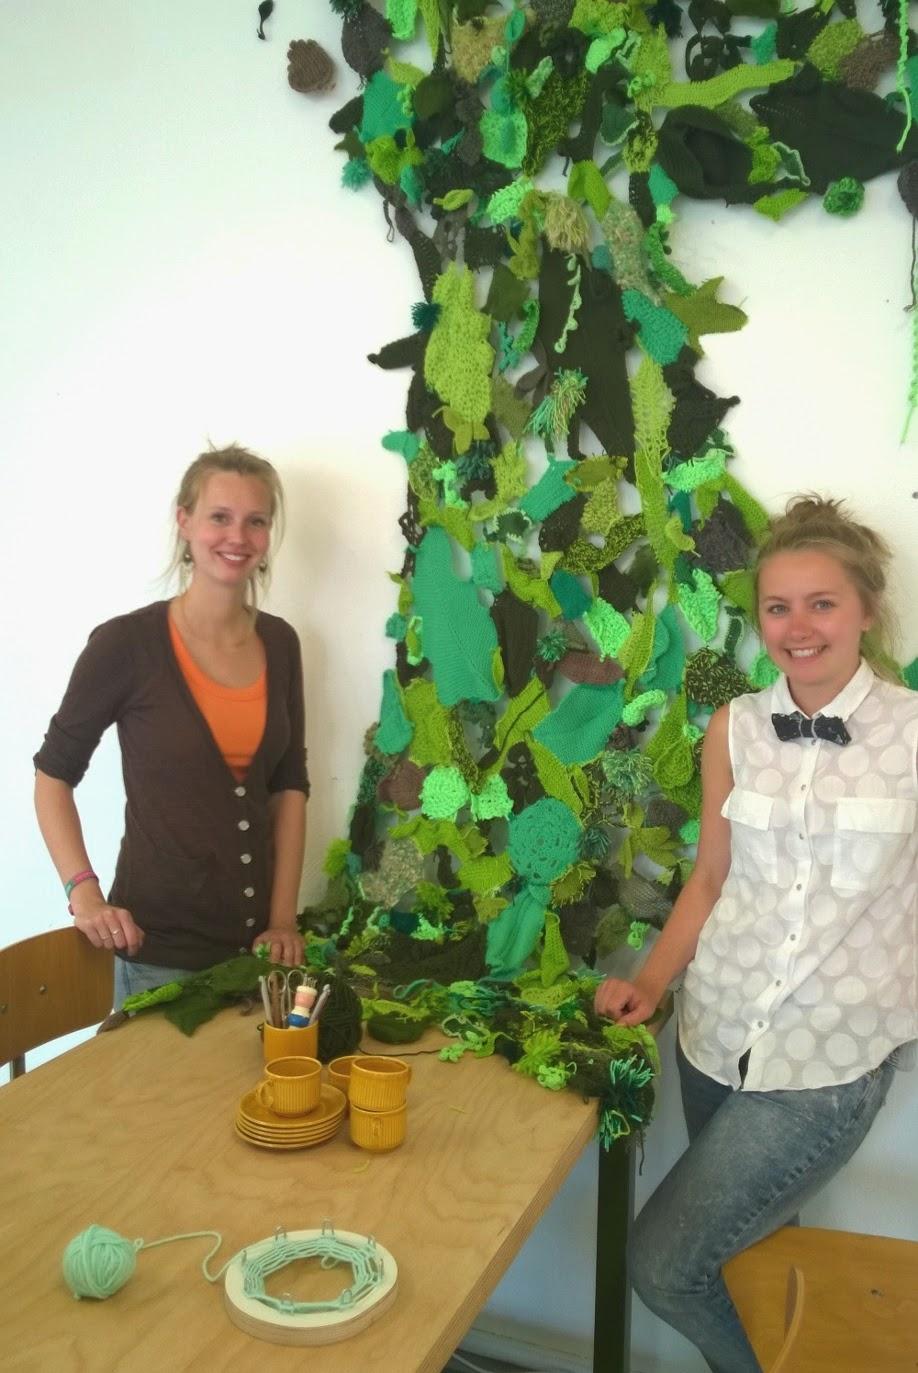 VERMAAKT: sociaal en creatief project